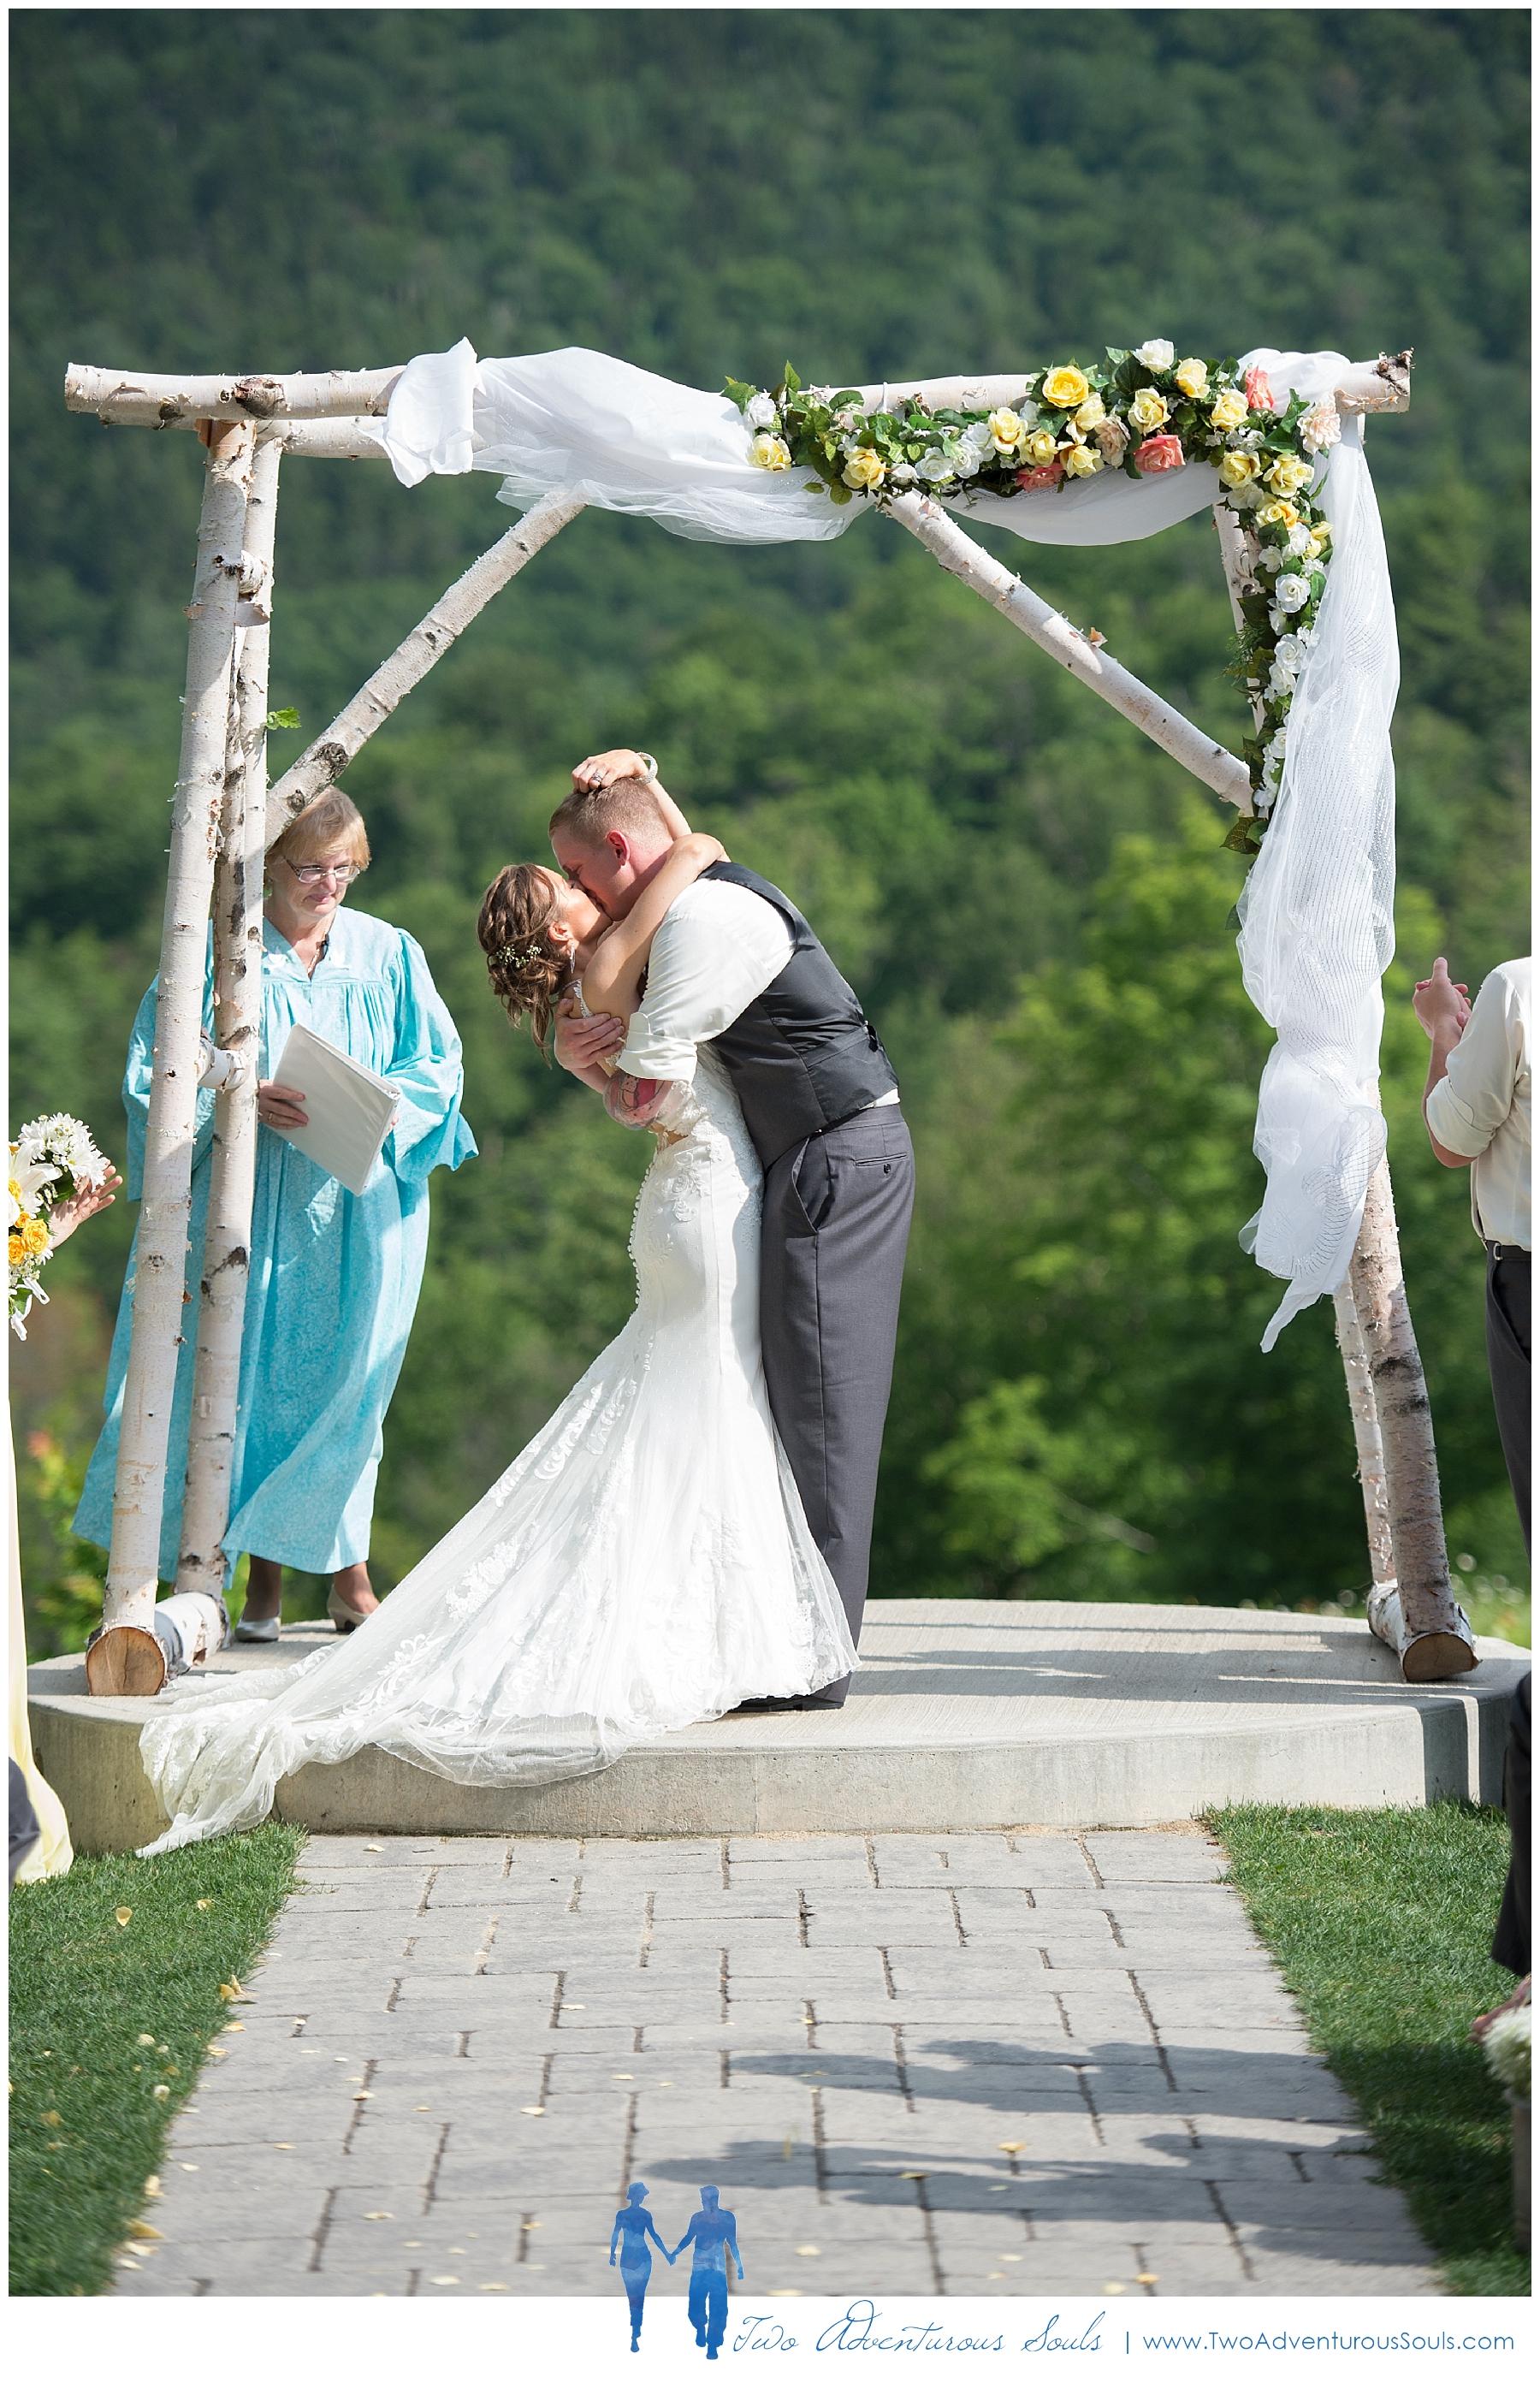 Sunday River Wedding, Maine Wedding Photographers - Sunday River Ceremony